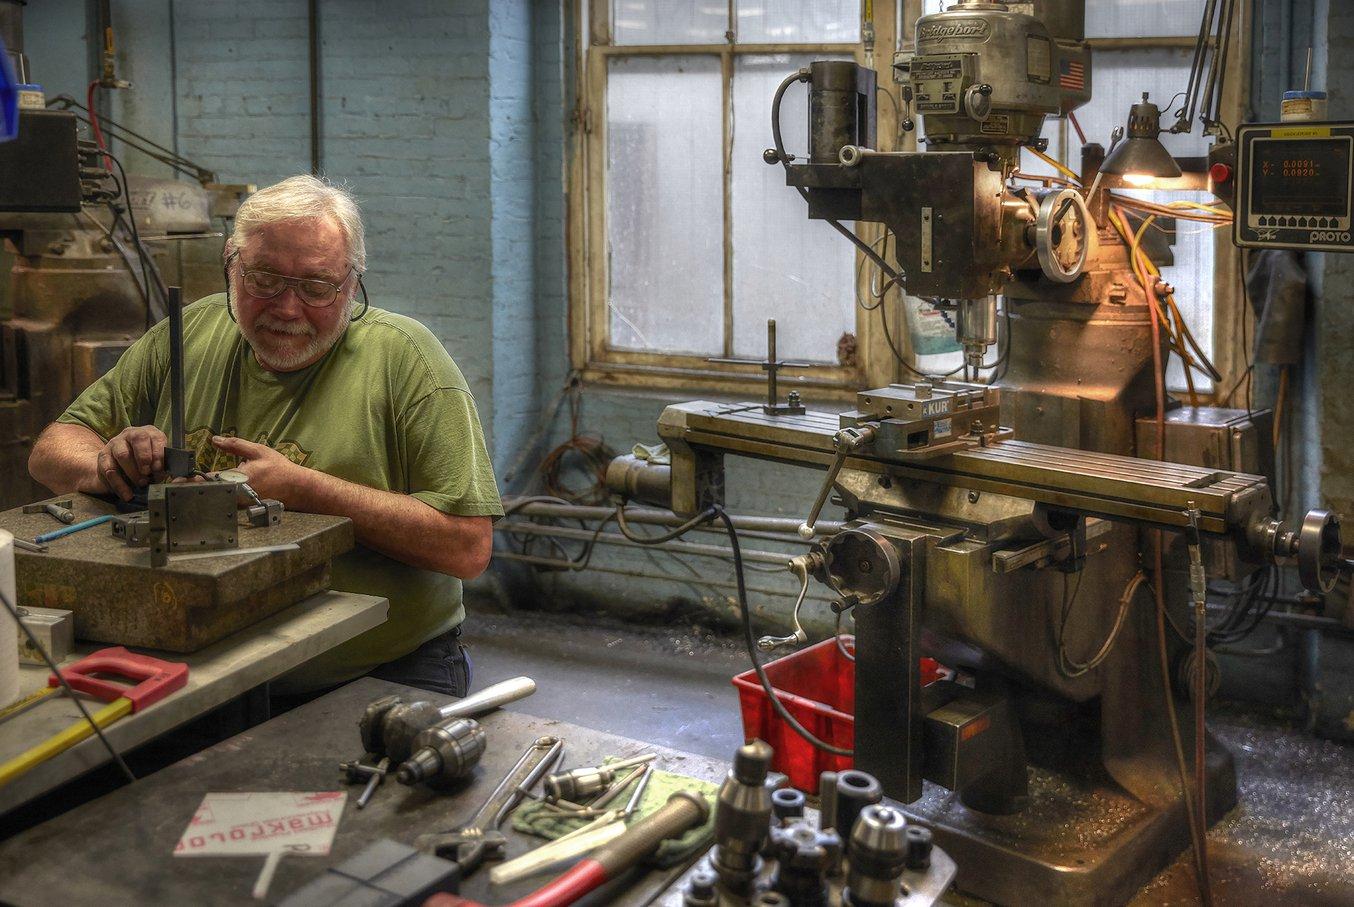 In der Werkstatt von A&M Tool and Design sind eine Vielzahl verschiedener Technologien vertreten, von Bridgeport CNC-Fräsen bis hin zu einem Desktop-SLA-3D-Drucker.